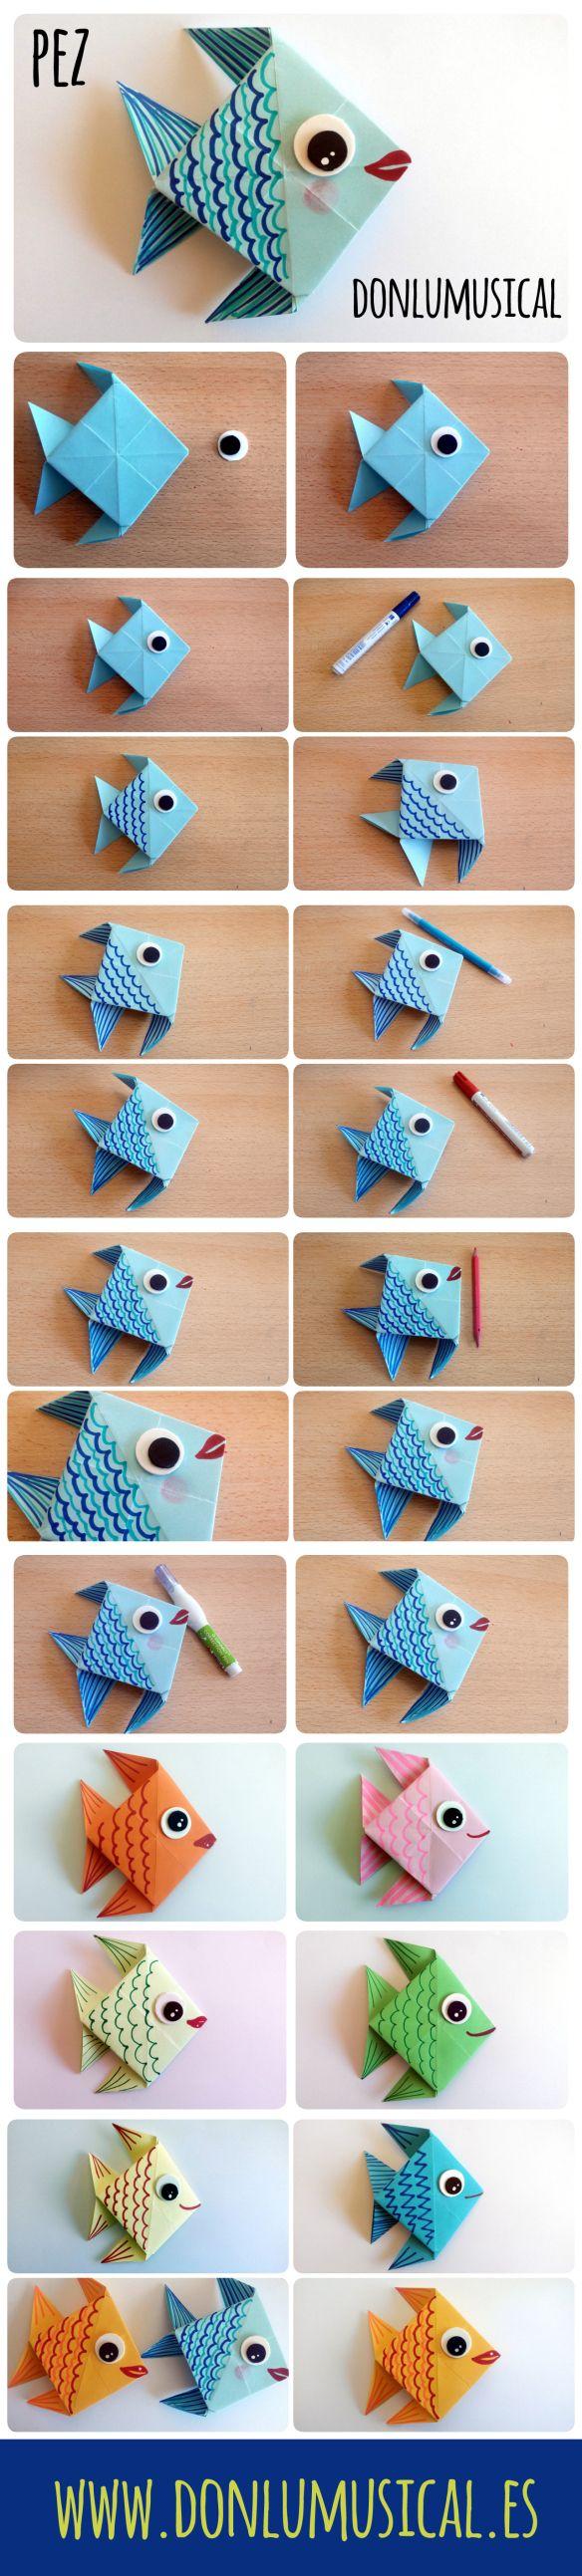 tutorial origami papiroflexia pez